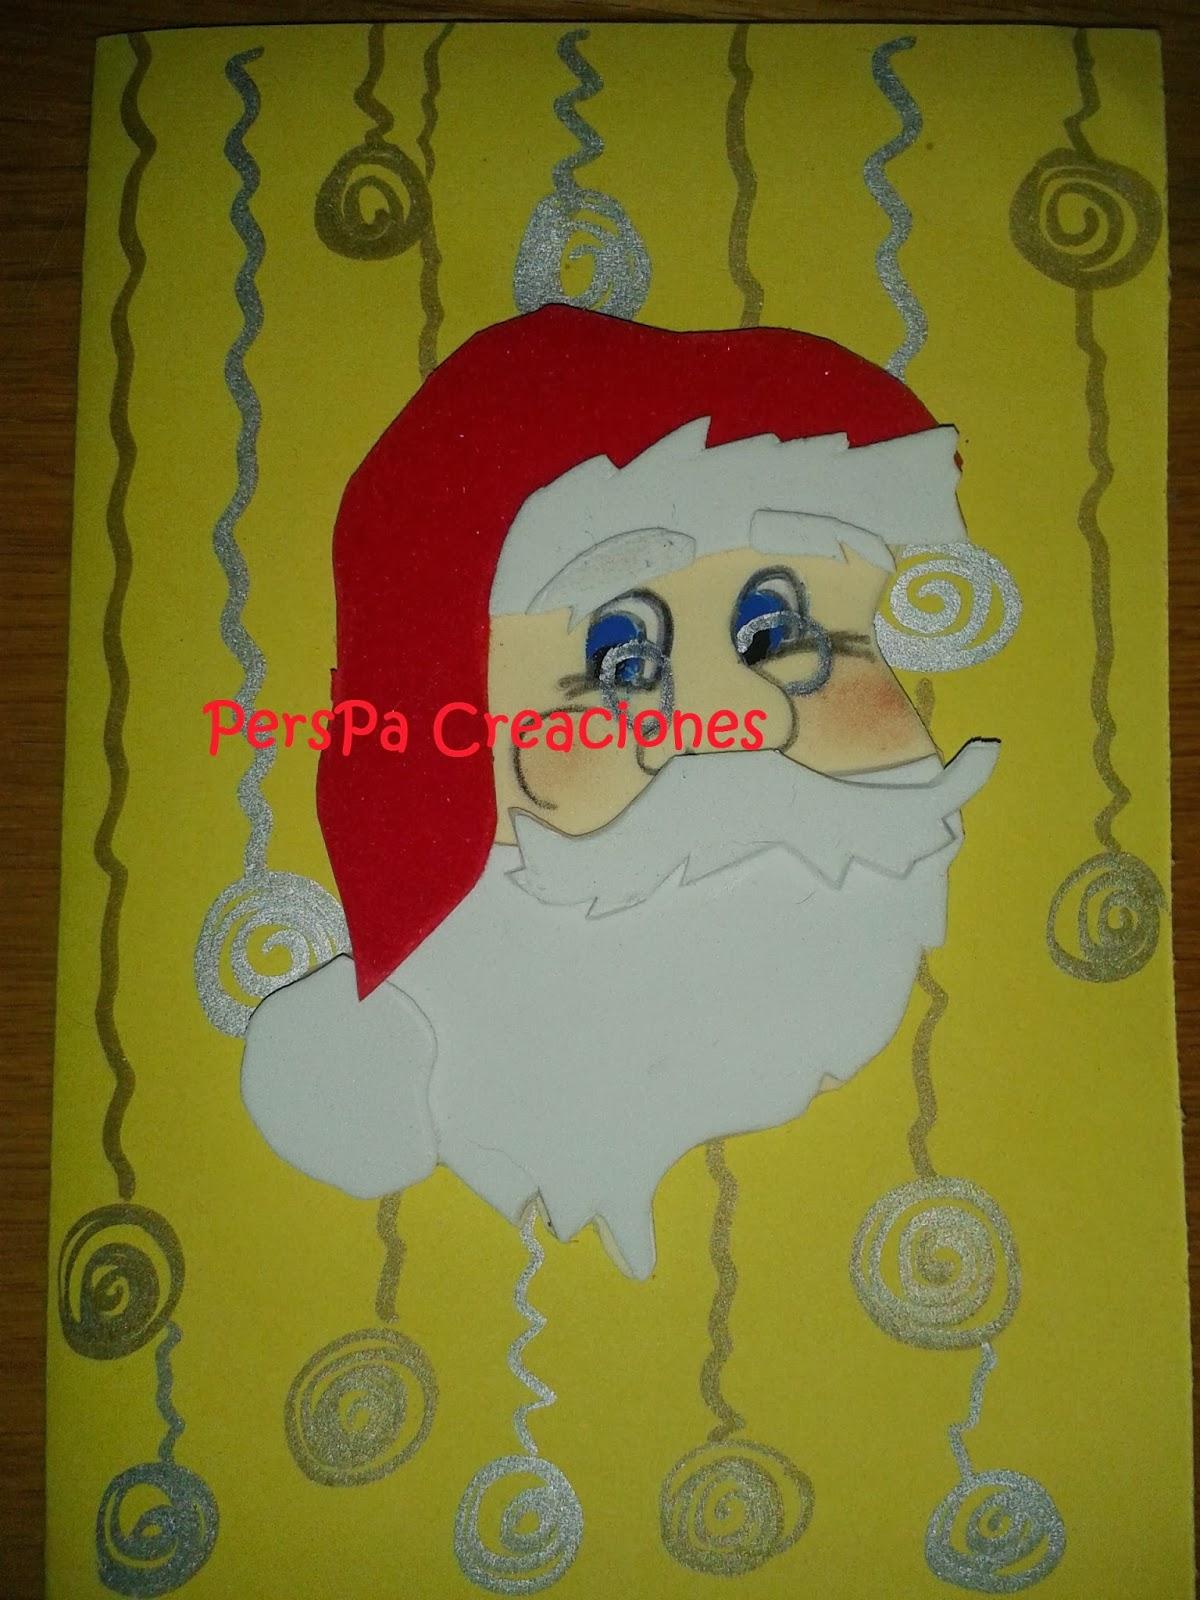 Perspa creaciones manualidades con foami tarjeta navide a - Manualidades tarjeta navidena ...